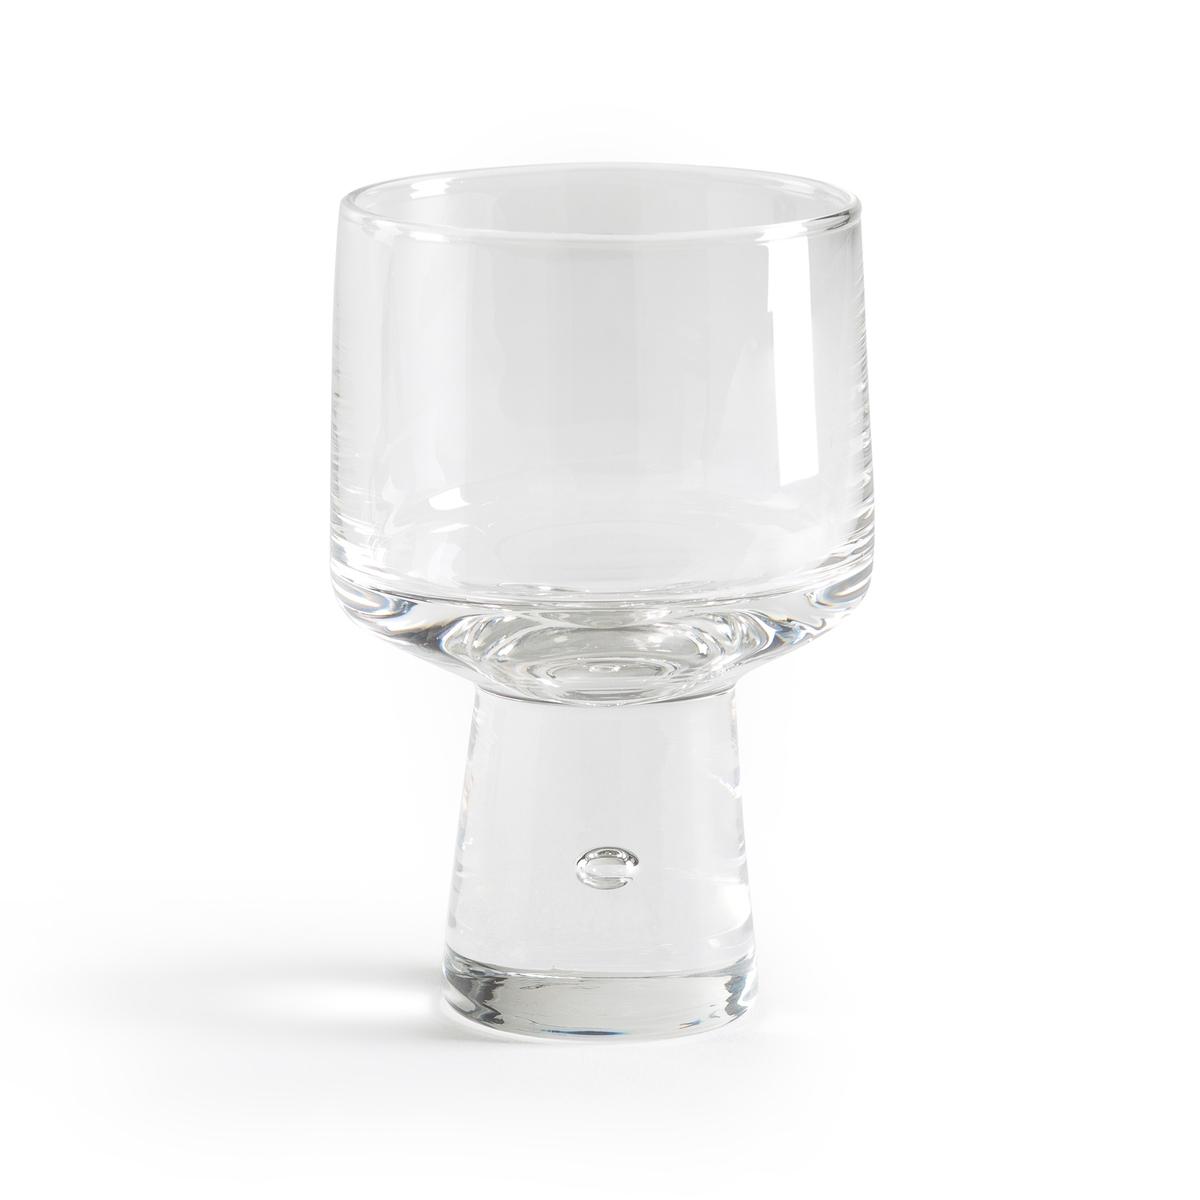 Бокал для вина в форме трапеции, Albédo (комплект из 6 бокалов) бокал stolzle grandezza комплект из 6 шт 140 00 29